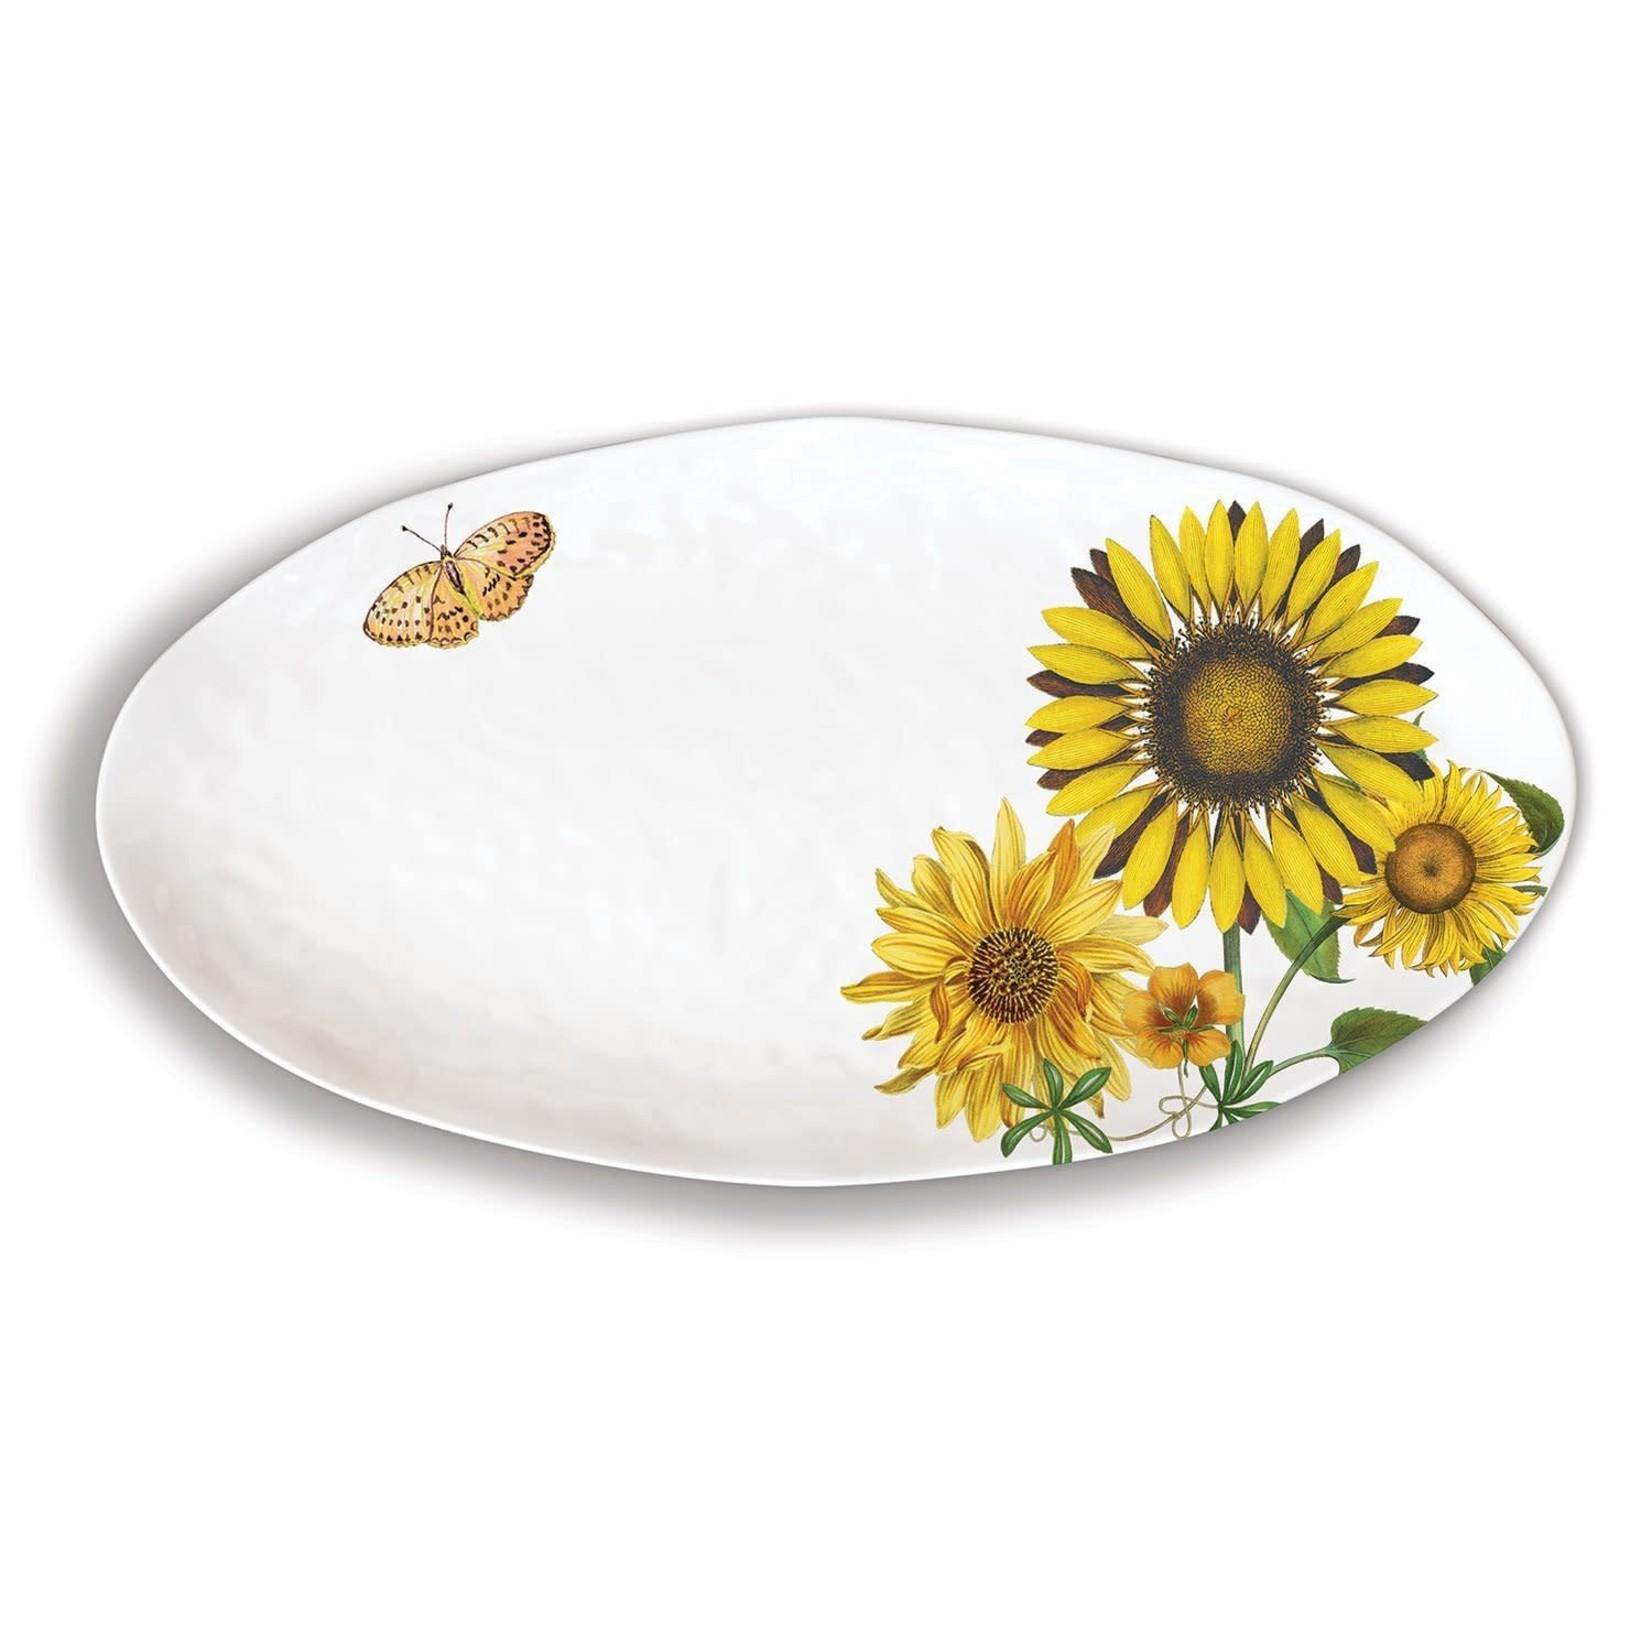 Michel Design Works Sunflower Melamine Oval Platter